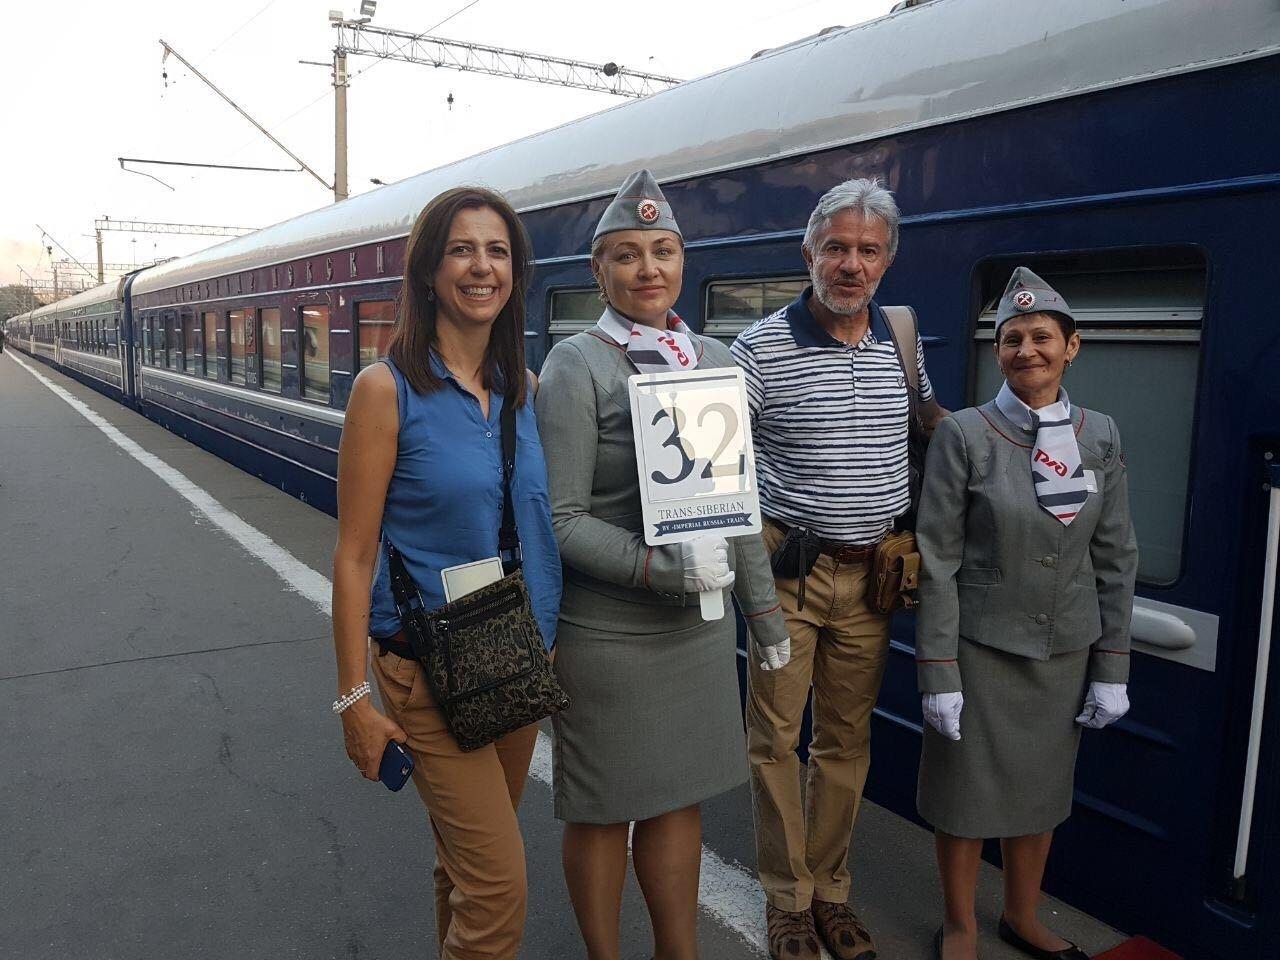 César Cortés al lado del tren Rusia Imperial